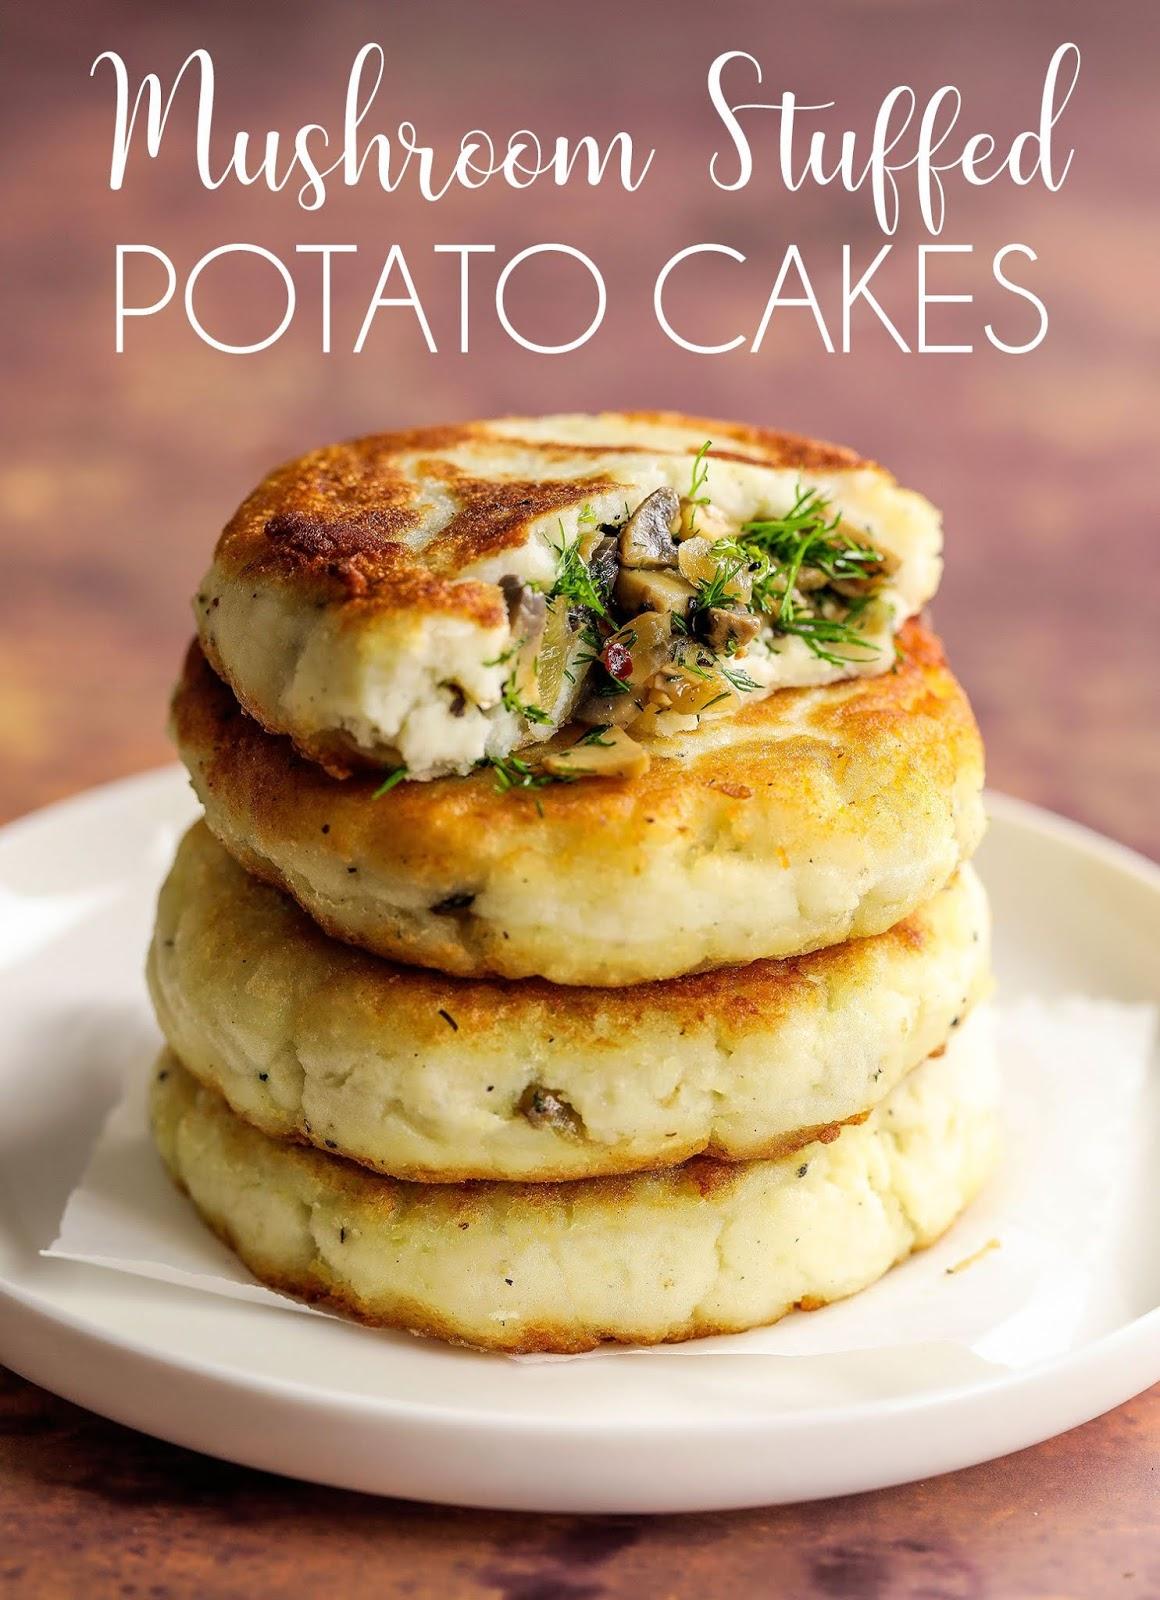 STUFFED POTATO CAKES #potato #cakes #diet #keto #whole30